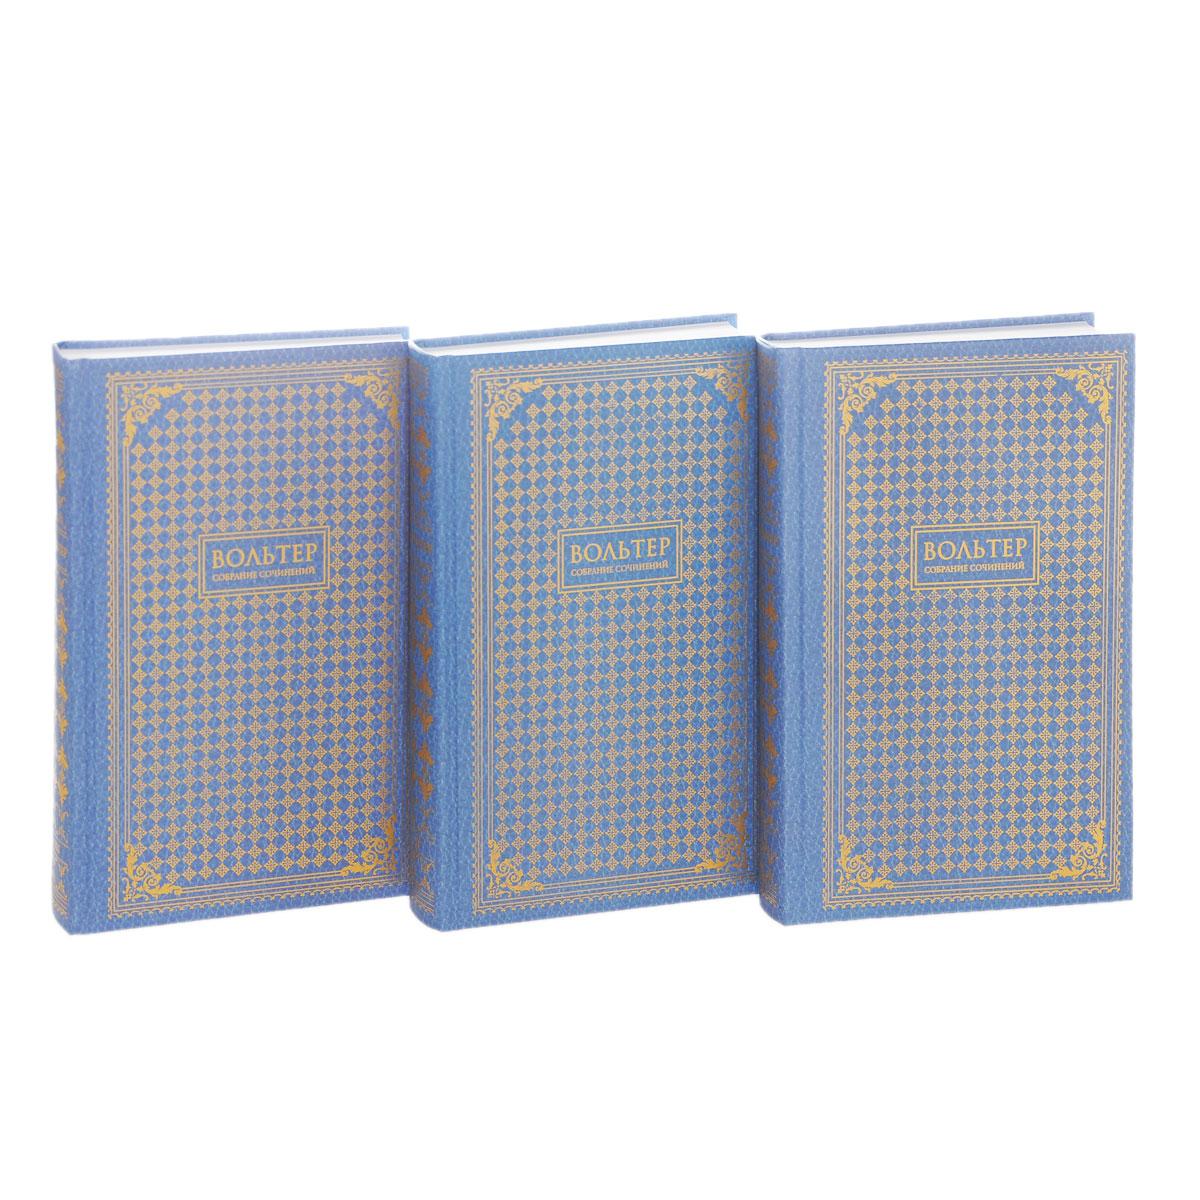 Вольтер. Собрание сочинений. В 3 томах (комплект из 3 книг)